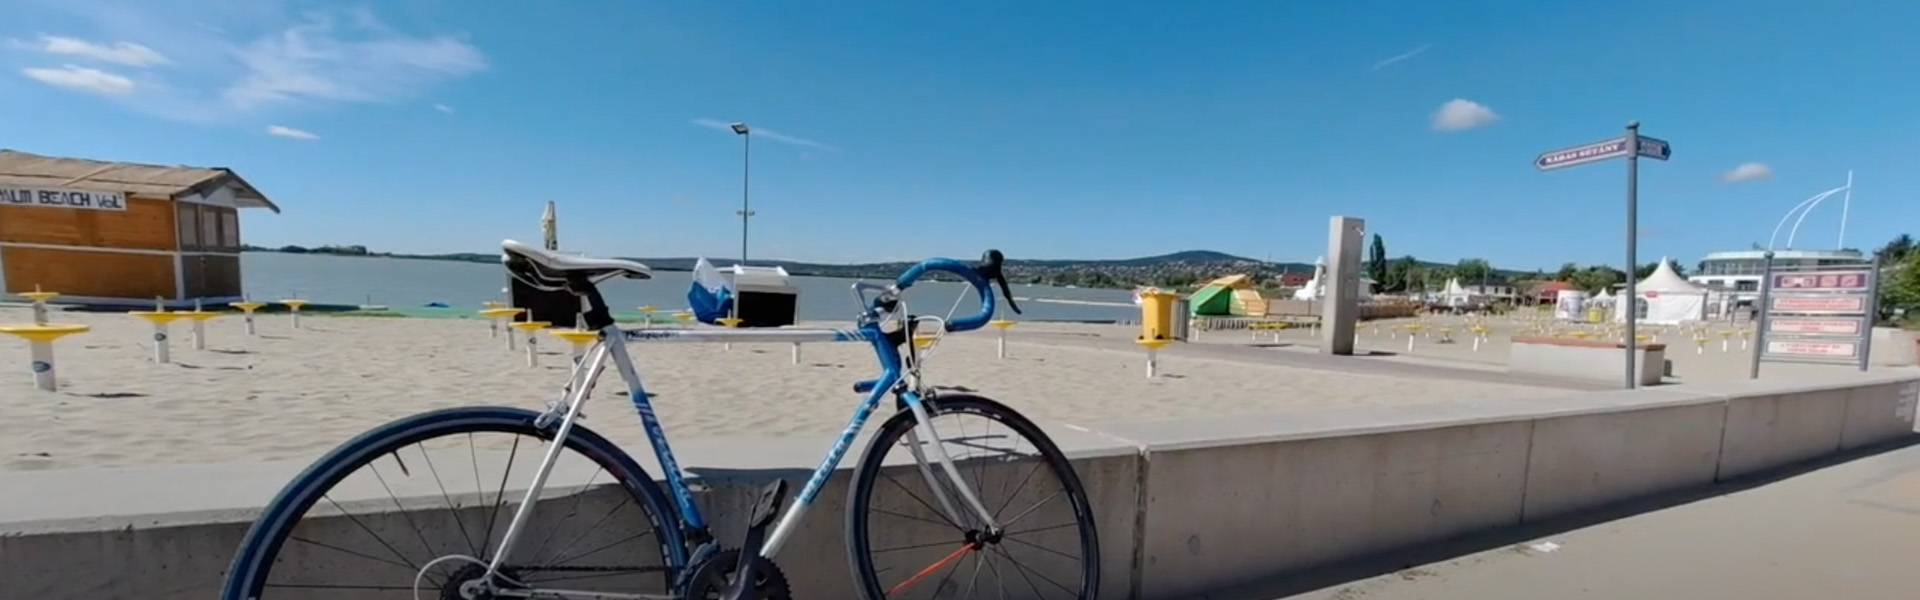 Velencei-tó kerékpárral (meg egy csomó extra kerékpárút infóval)